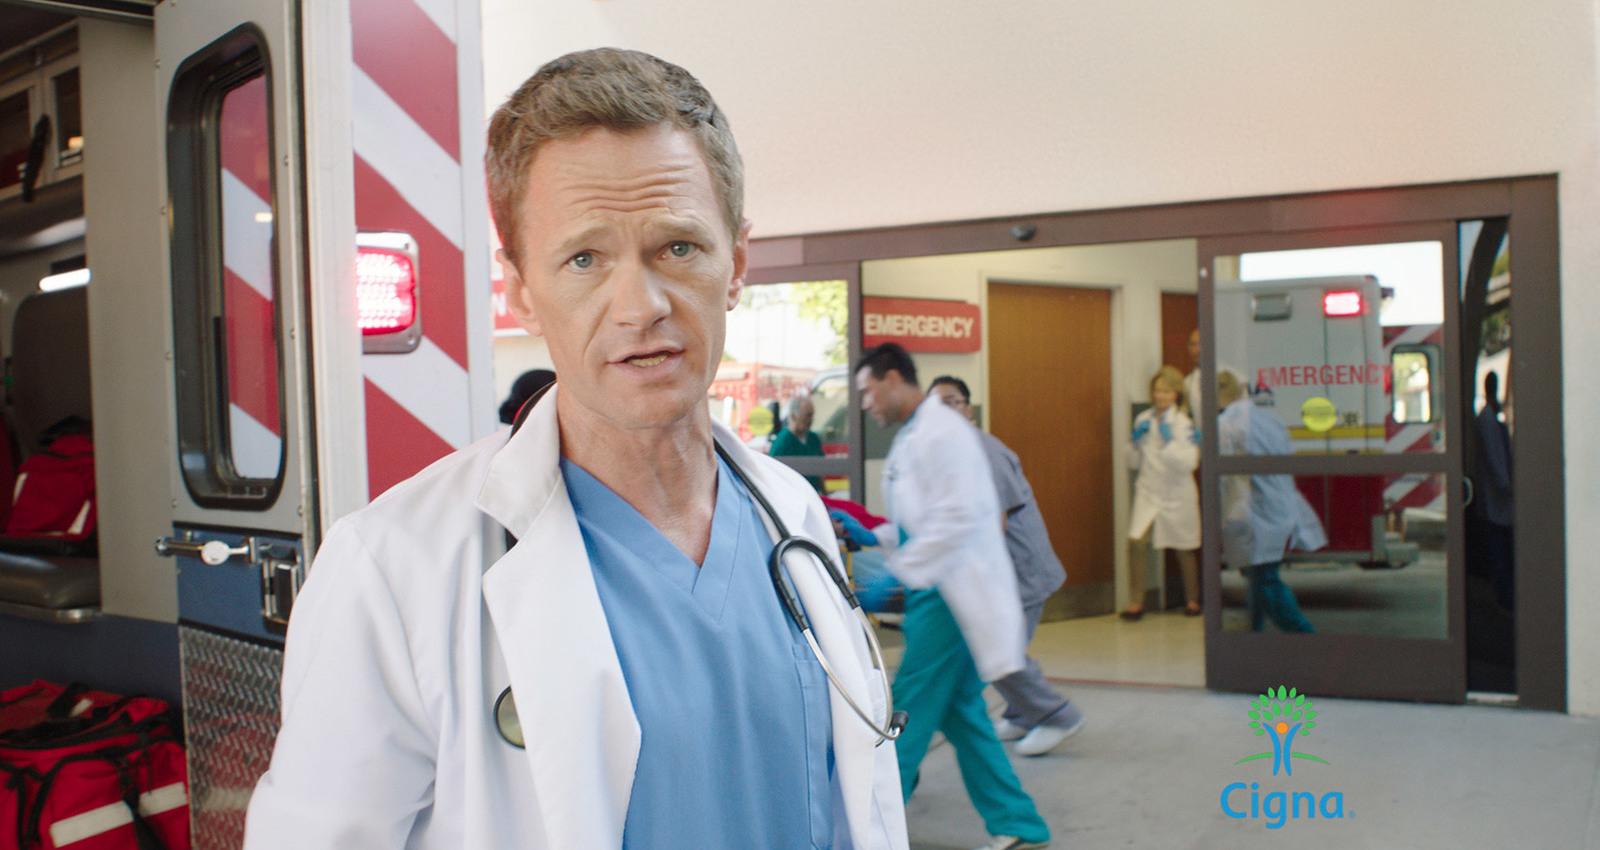 TV Doctors - Even More Drama